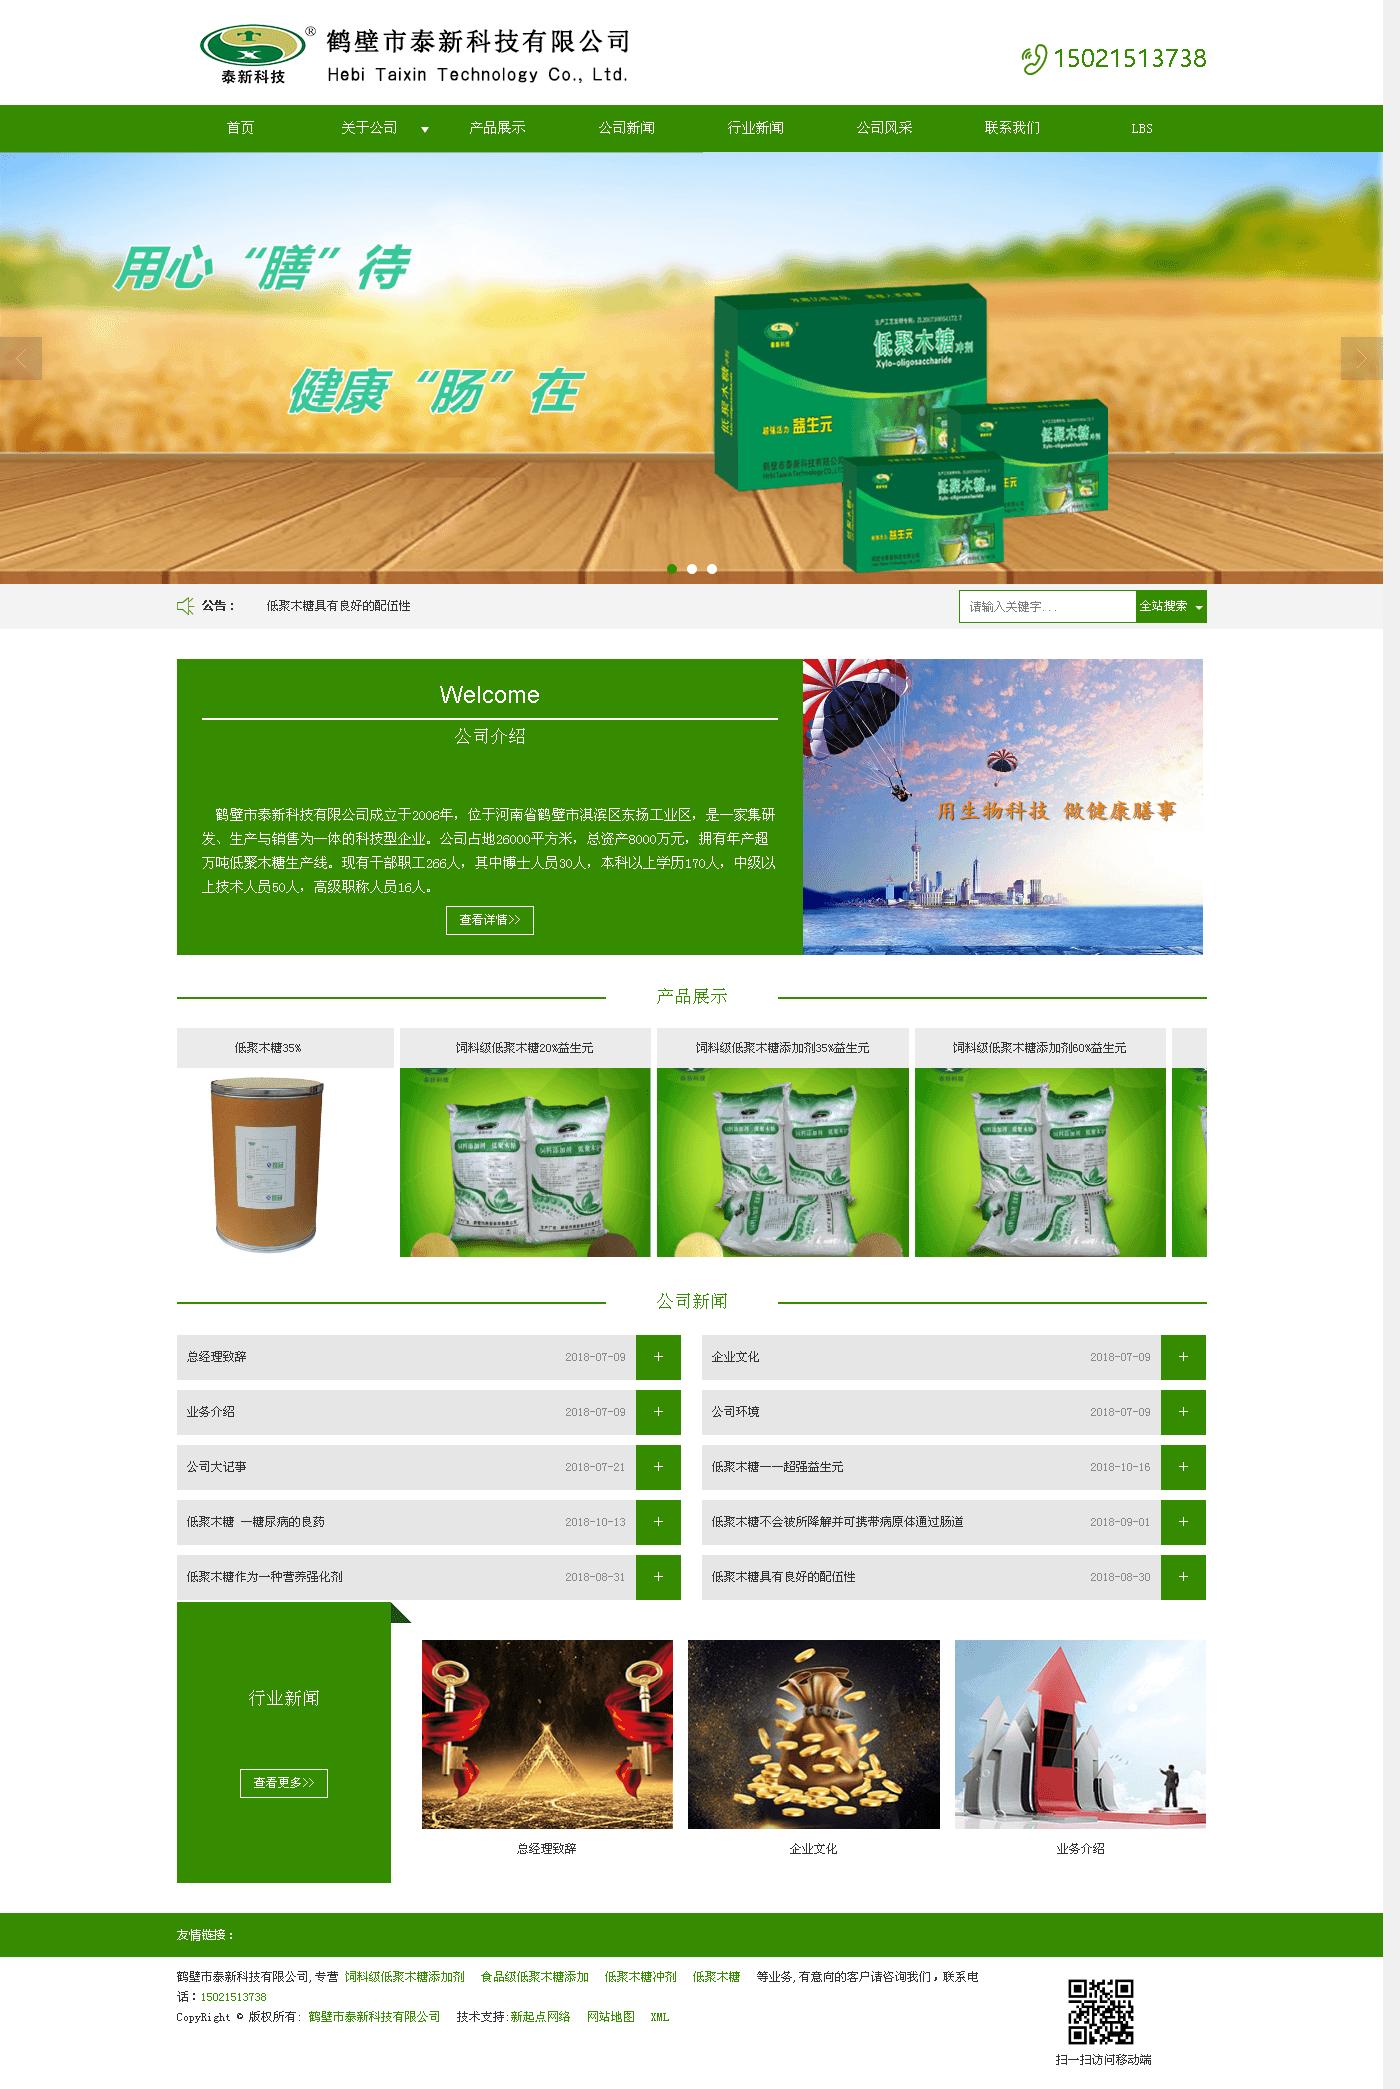 鹤壁市泰新科技有限公司_comp.png